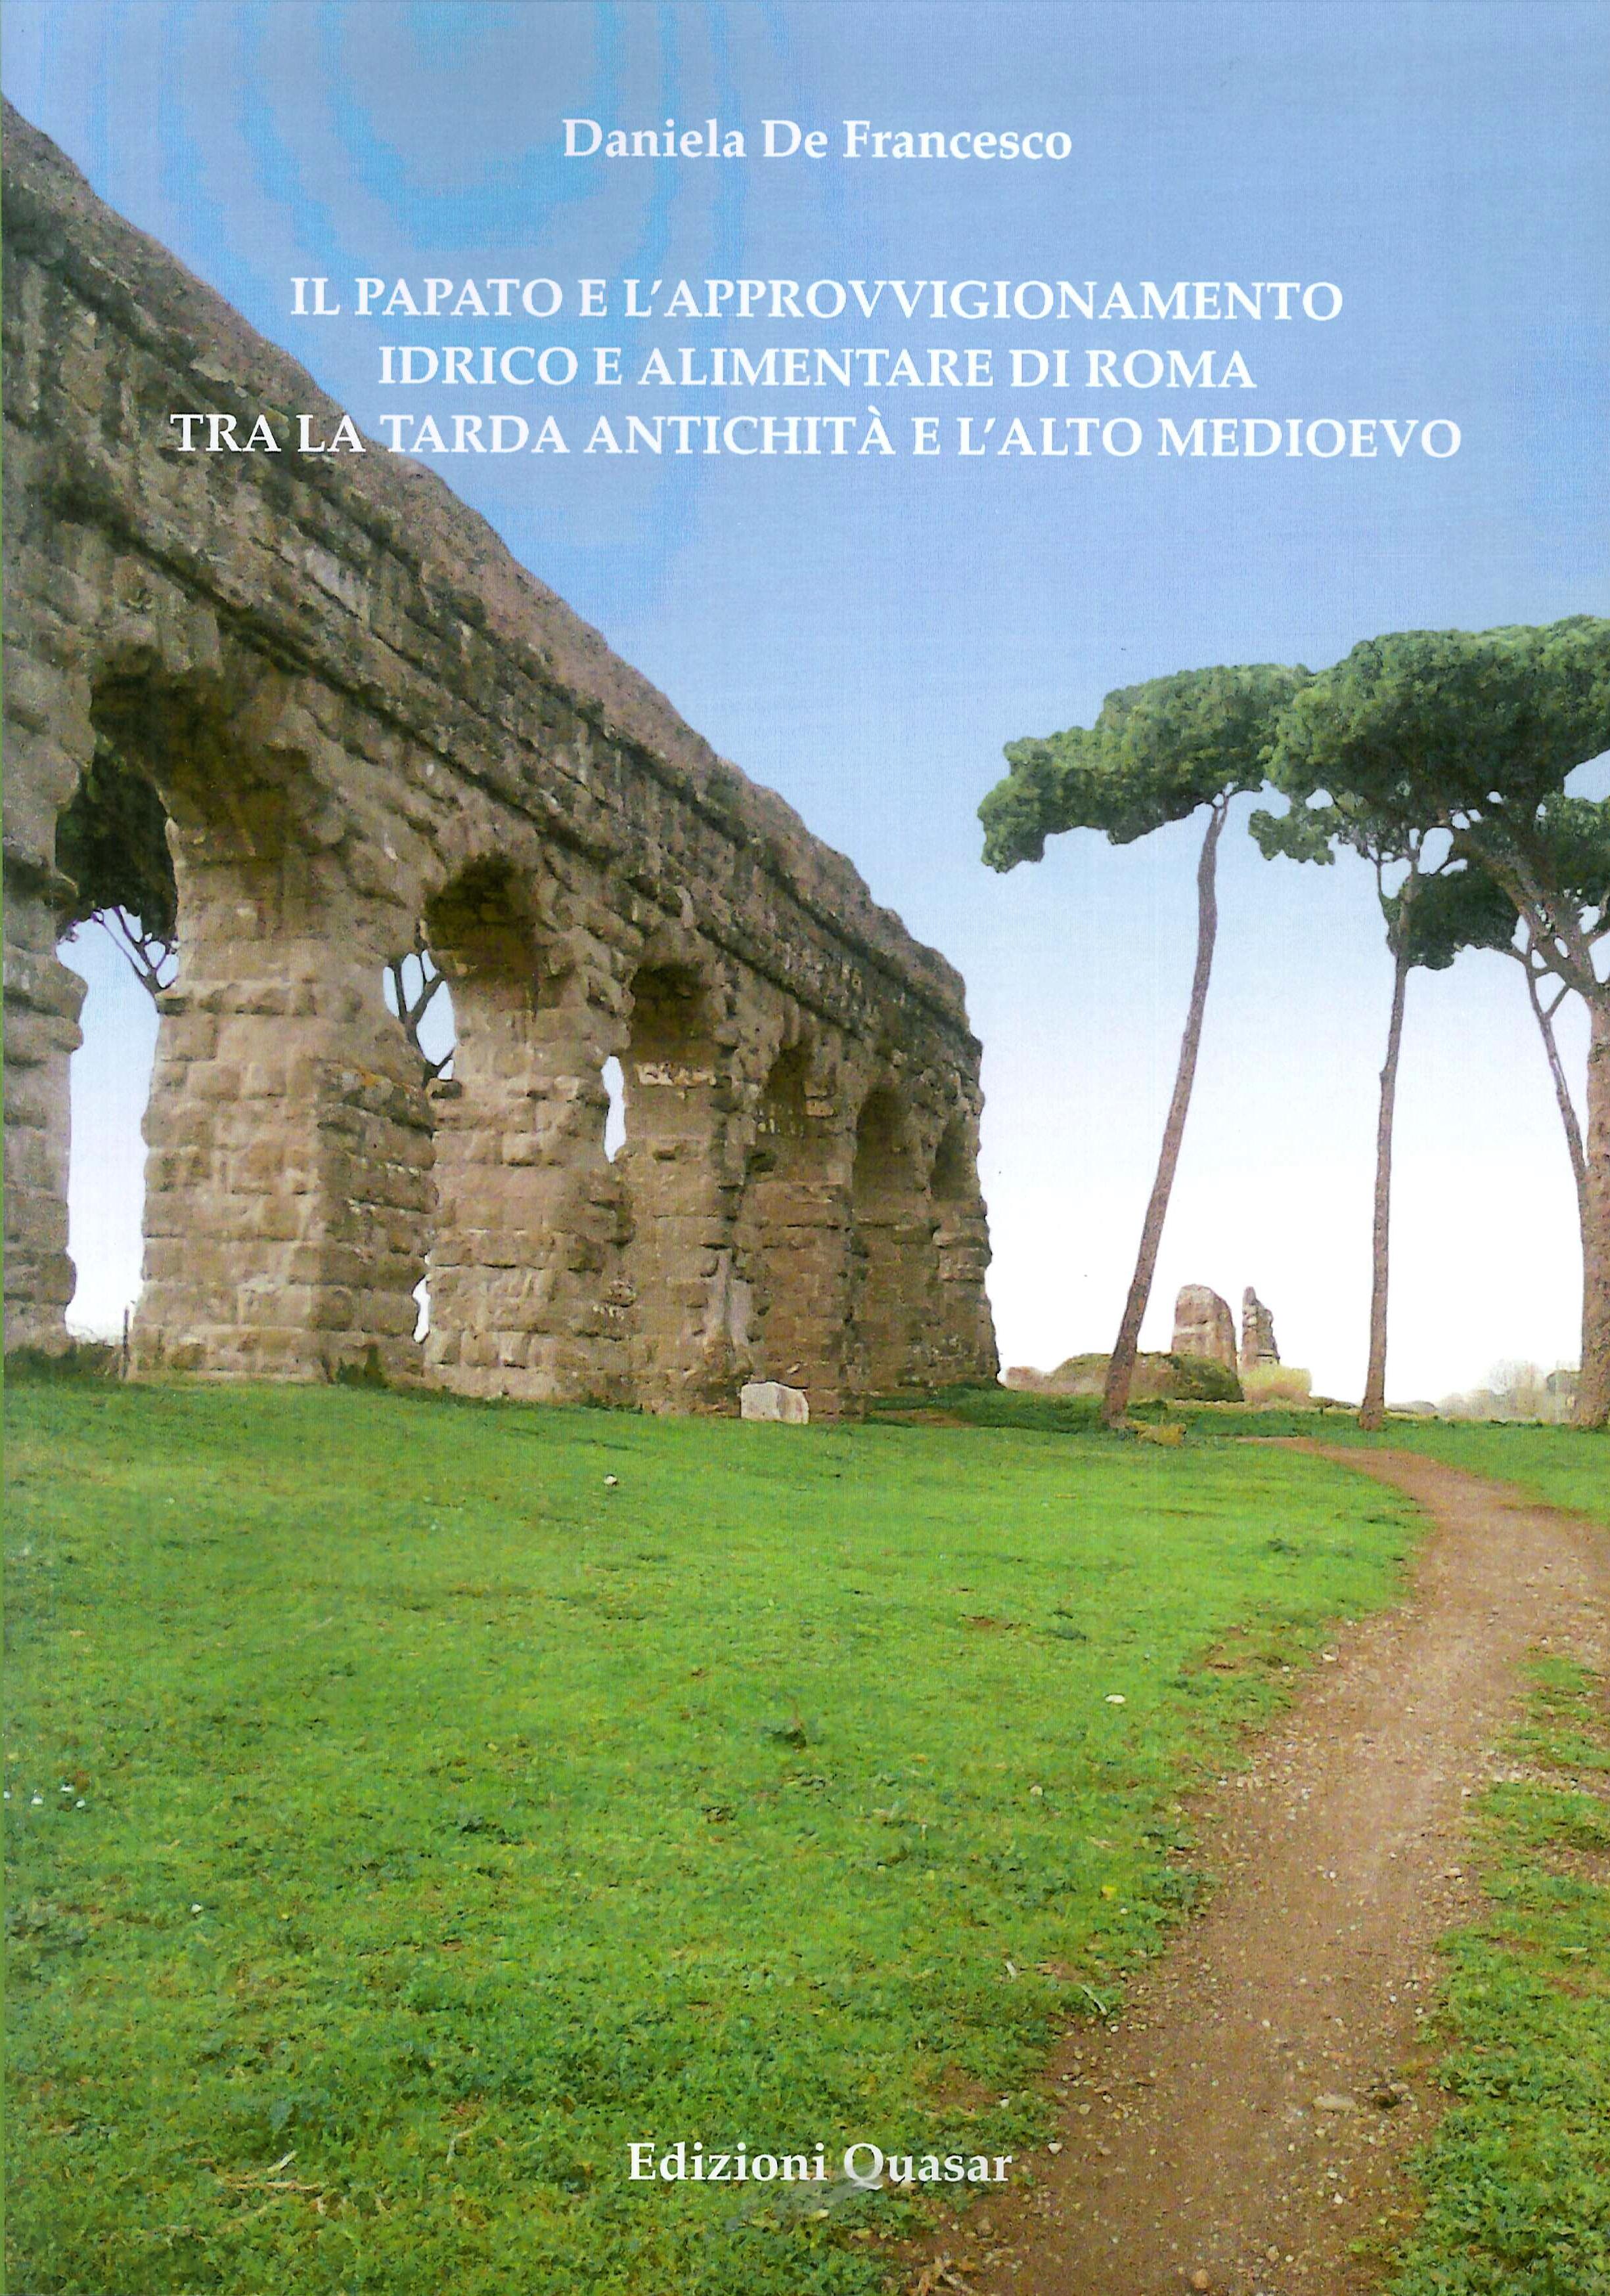 Il Papato e l'Approvigionamento Idrico e Alimentare di Roma tra la Tarda Antichità e l'Alto Medioevo